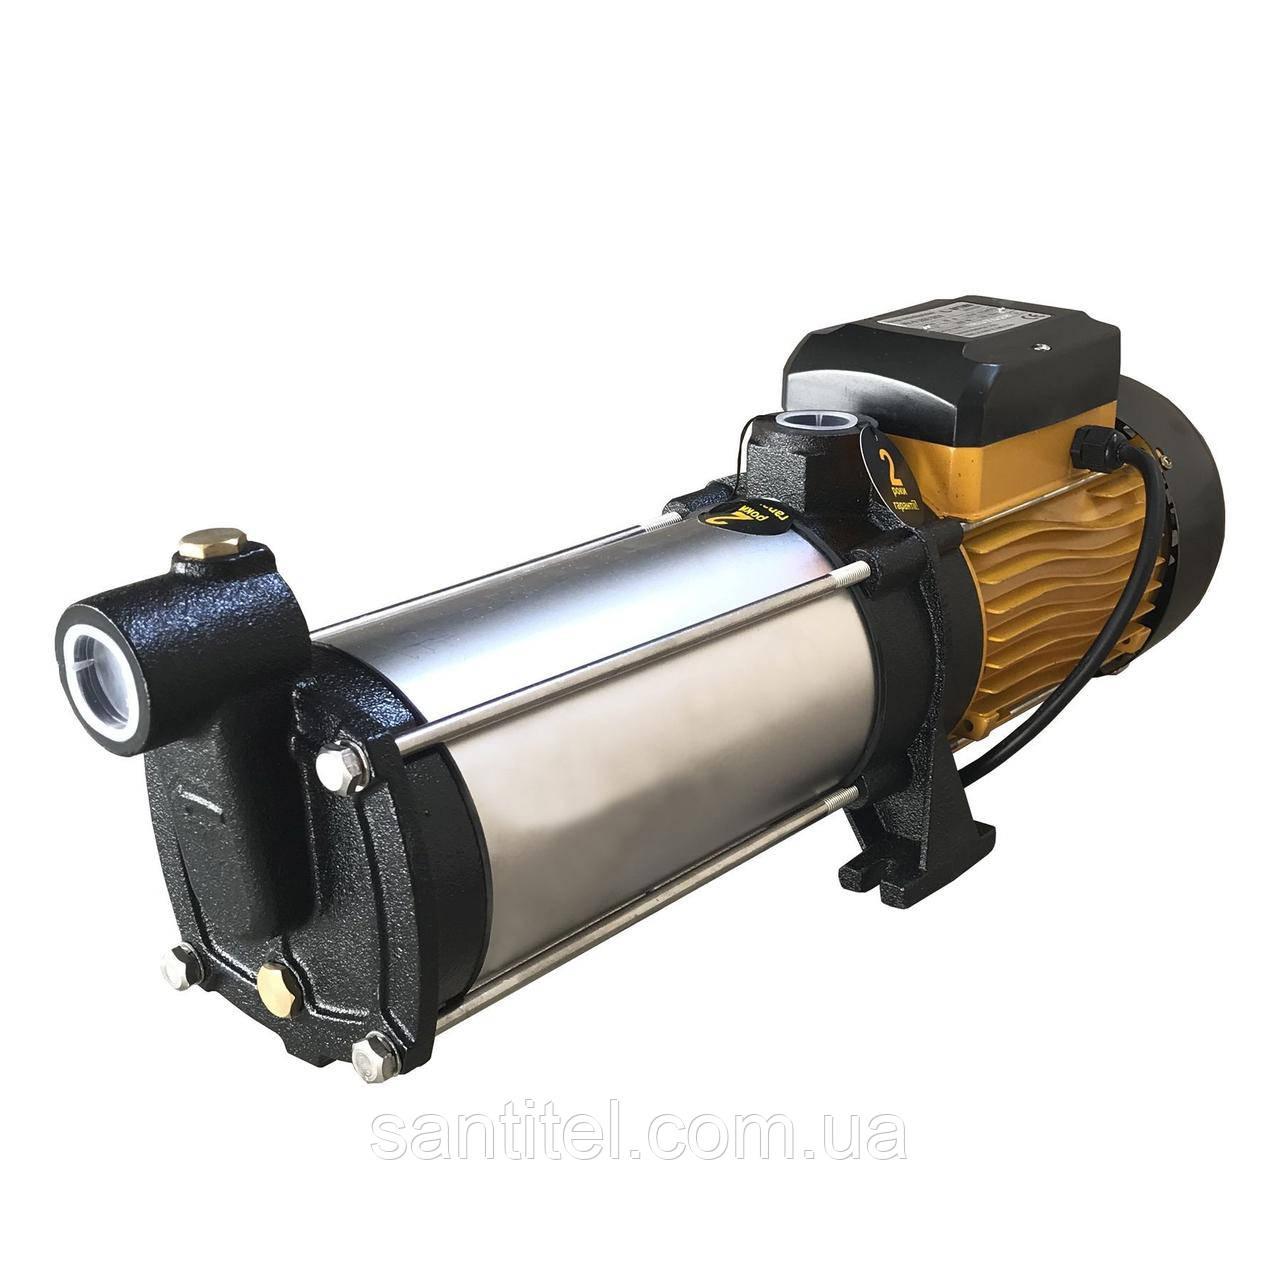 Насос відцентровий багатоступінчастий Optima MH-N 1800INOX 1,8кВт нерж, колеса